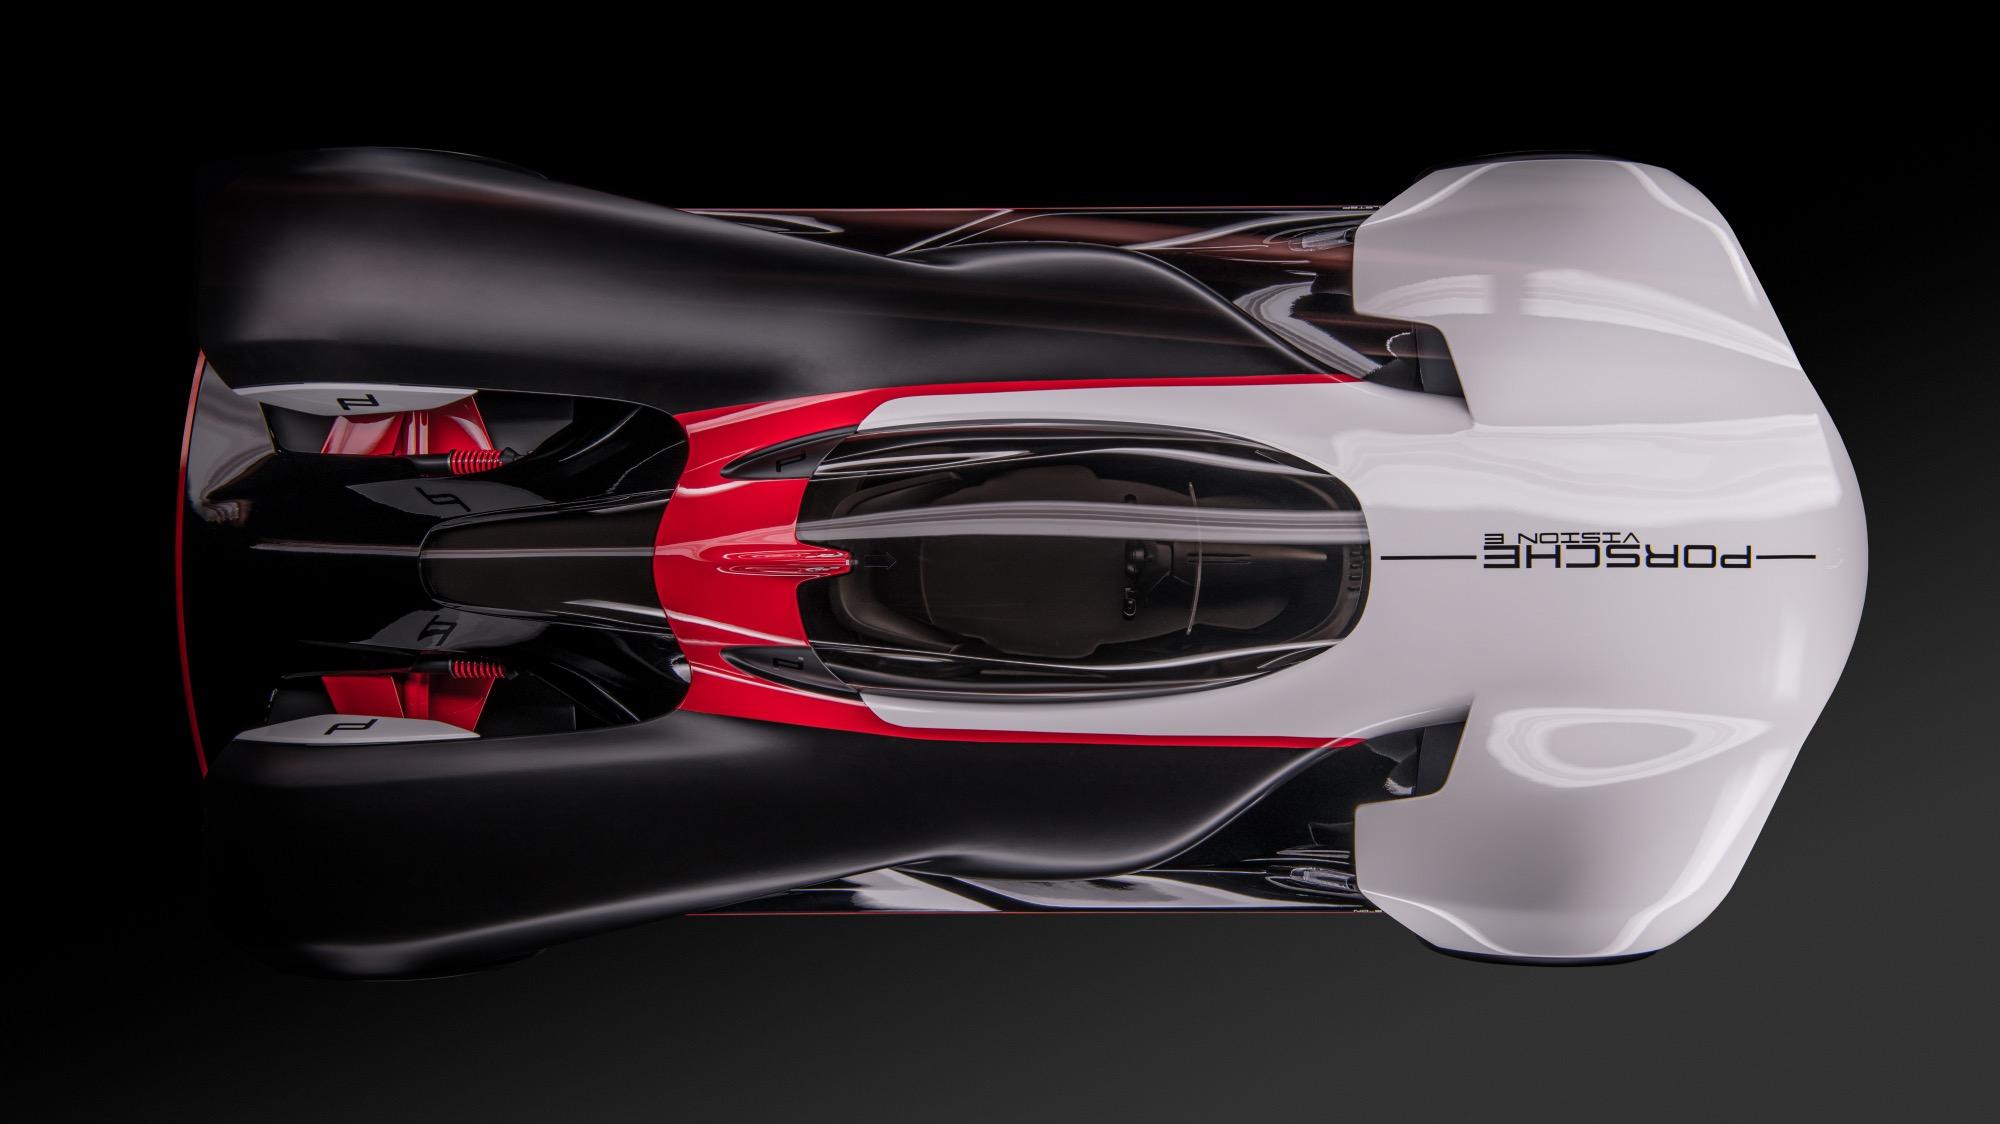 Τρία ηλεκτρικά πρωτότυπα αυτοκίνητα από την Porsche που δεν κυκλοφόρησαν ποτέ